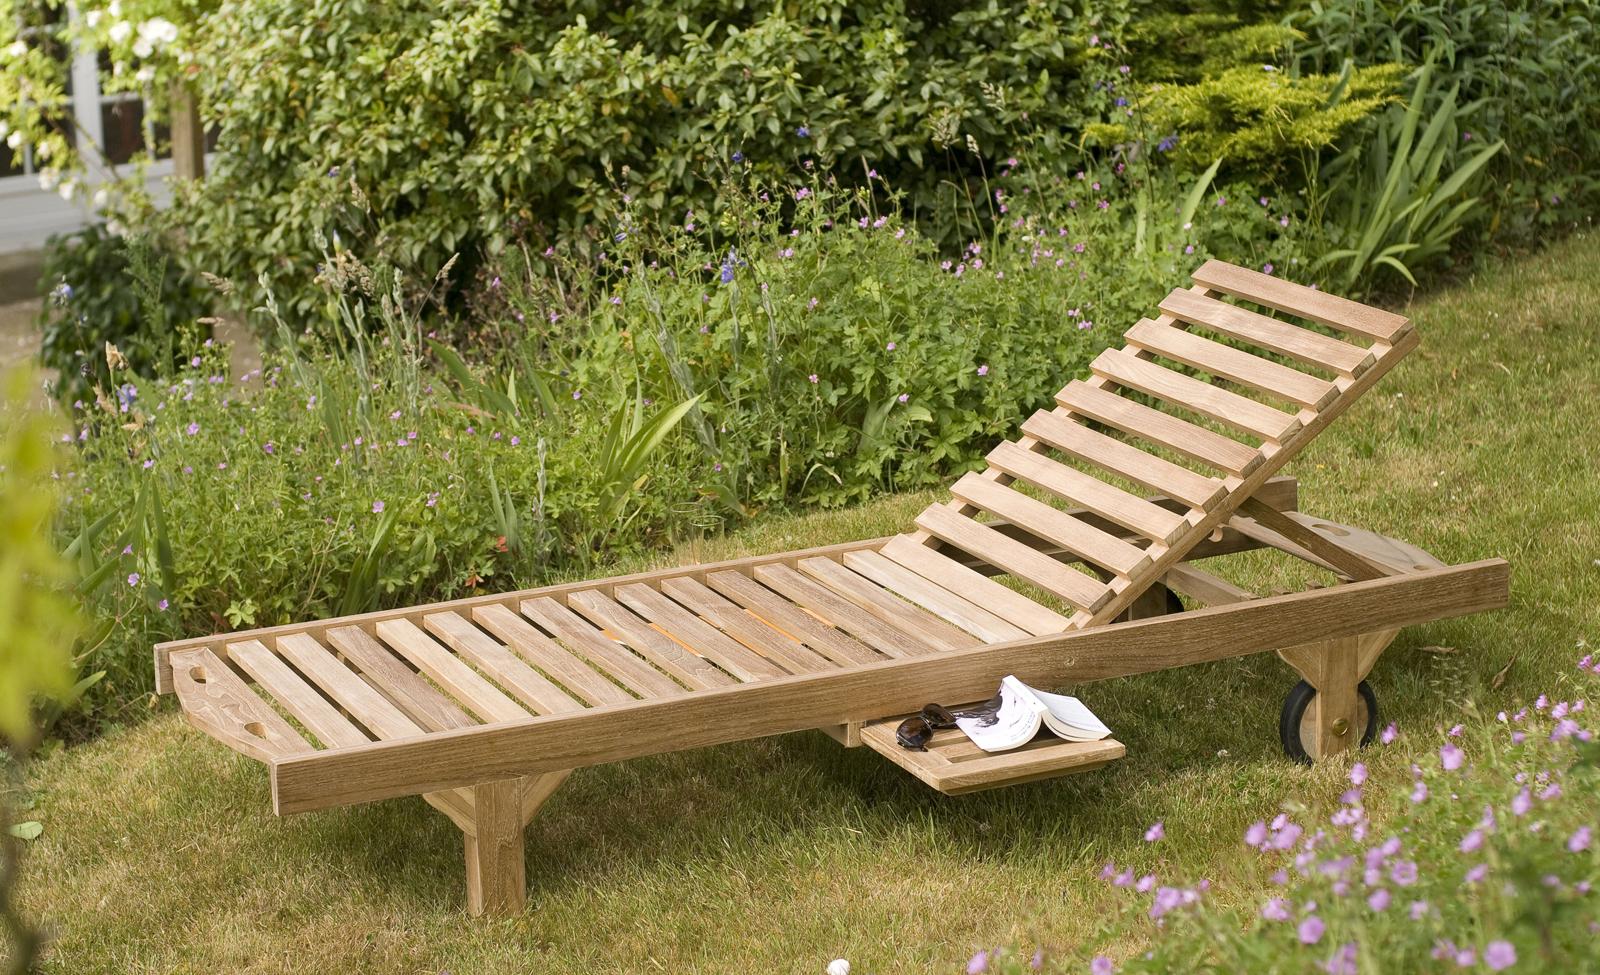 Bain De Soleil Transat Jardin En Teck Massif 205Cm Summer concernant Transat Jardin